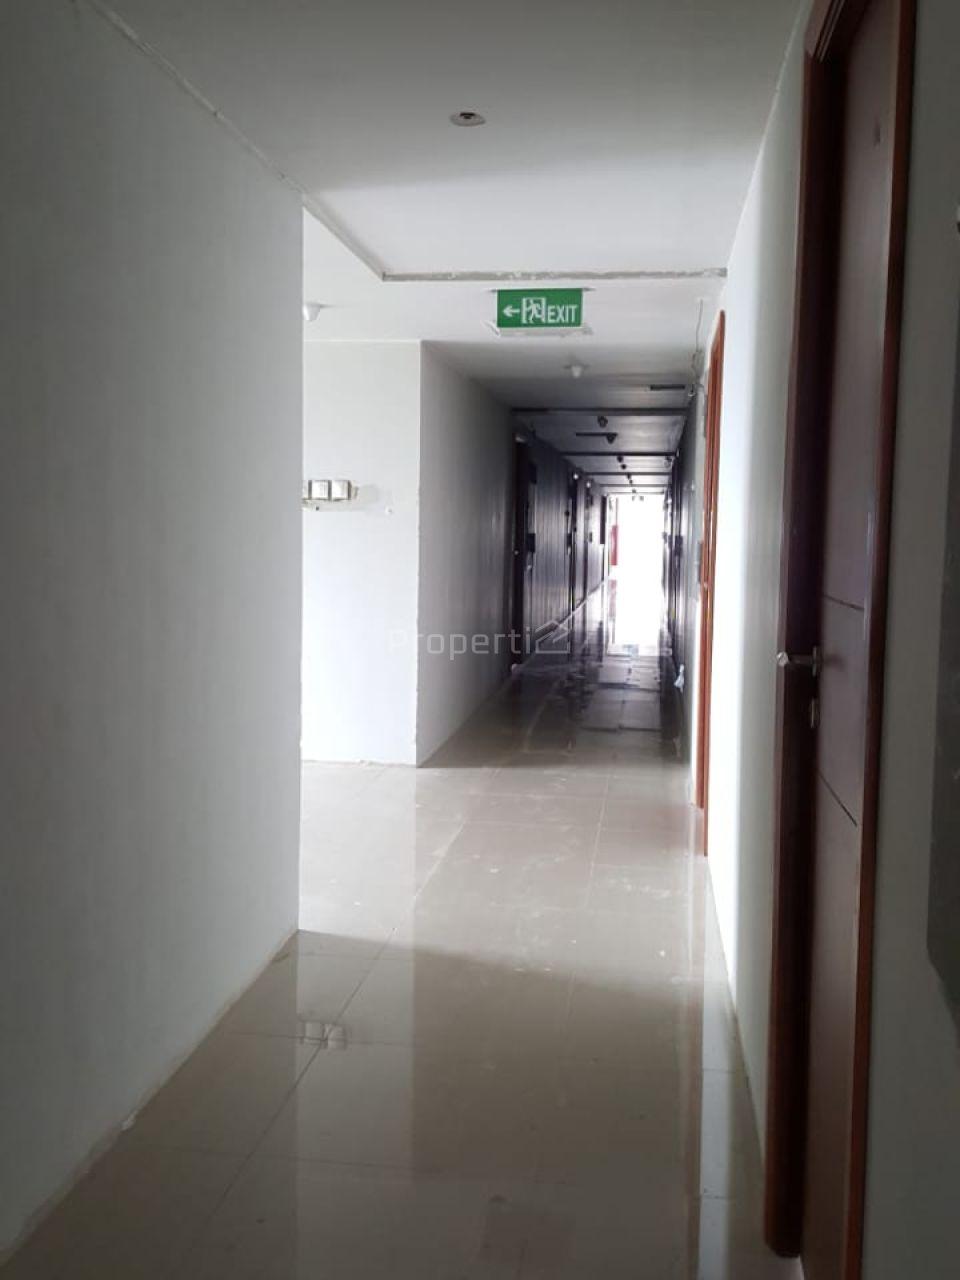 New Unit at Paris Tower Metropolitan Park Apartment, Jawa Barat